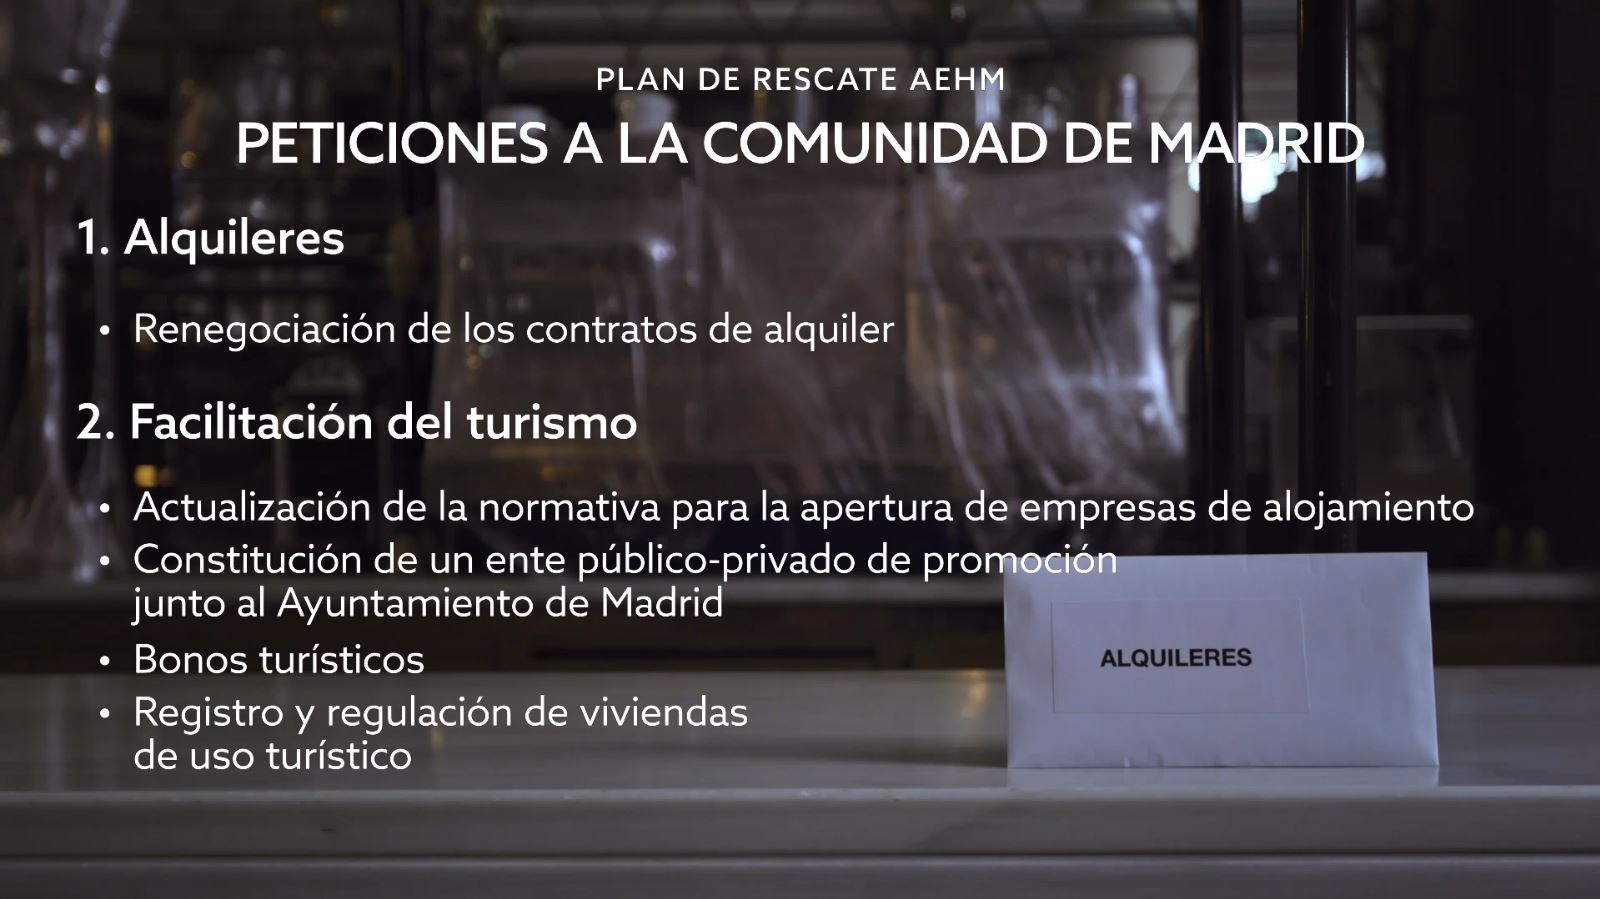 Peticiones a la Comunidad de Madrid